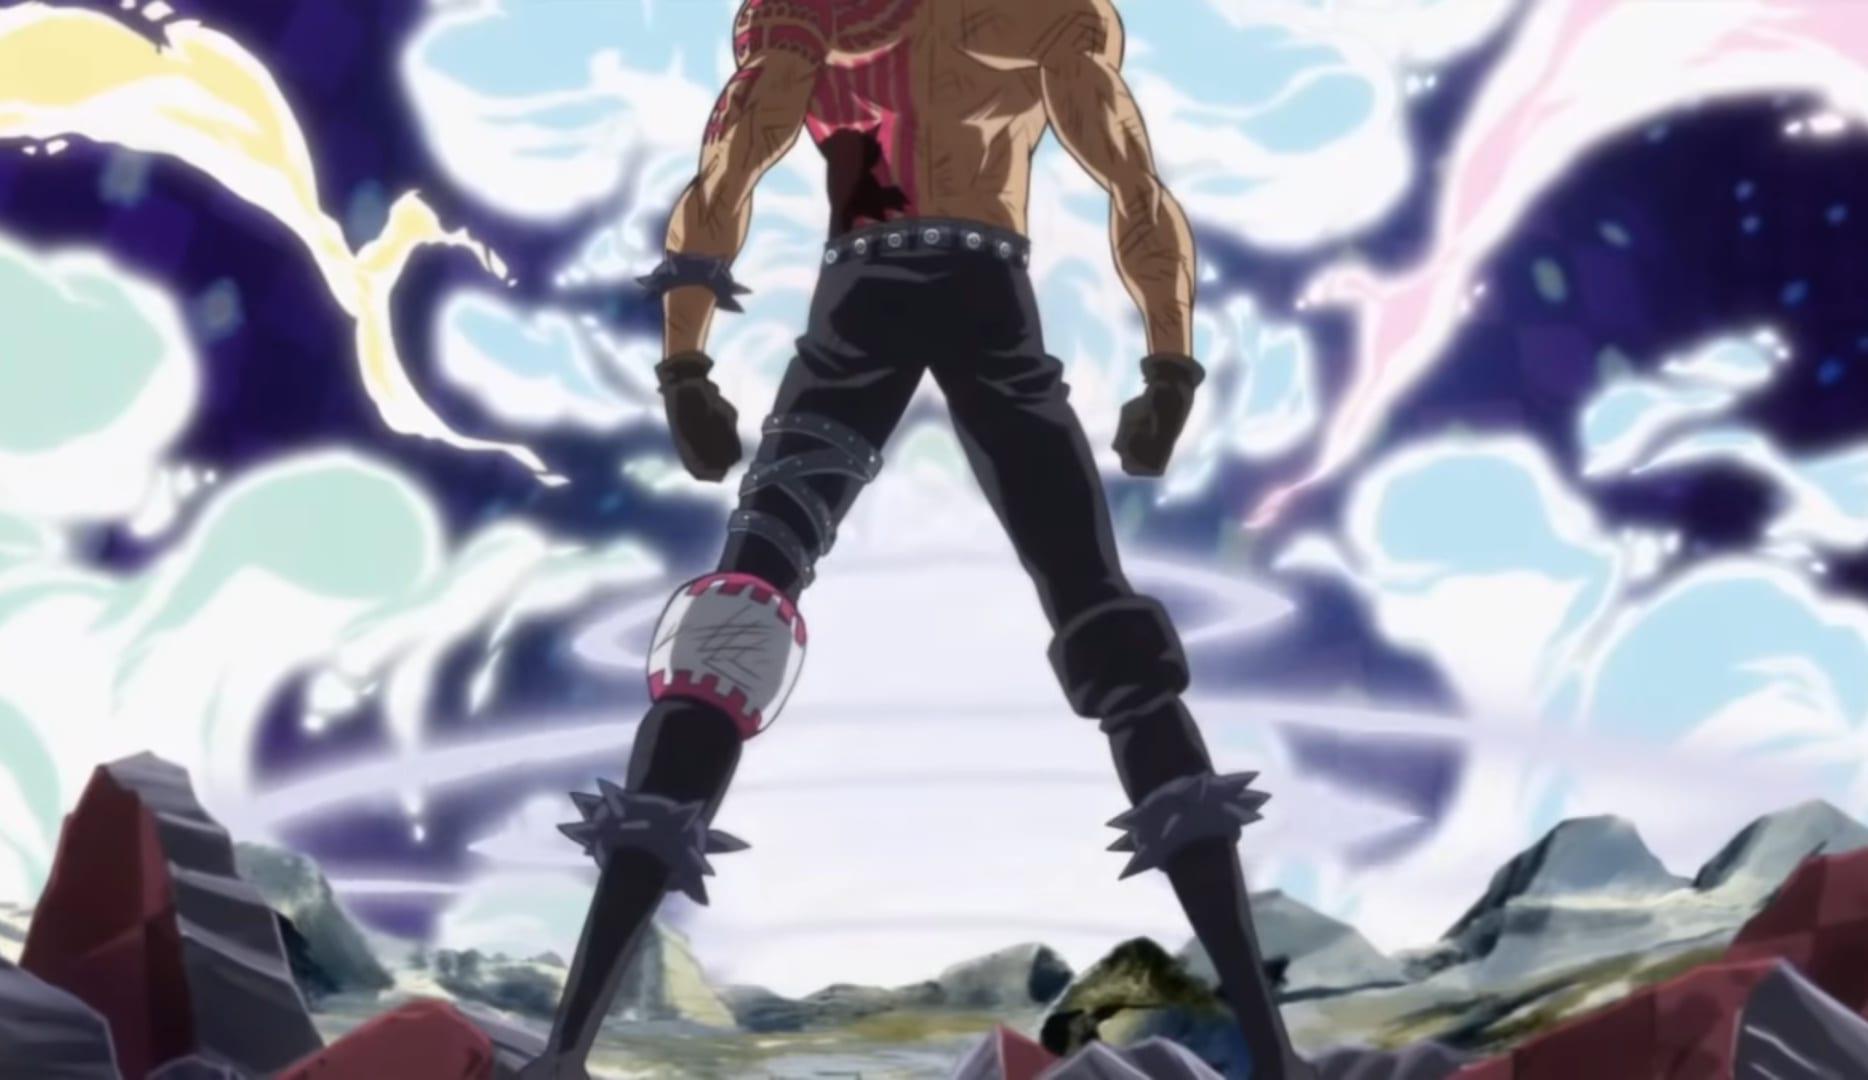 One Piece Episode 870 Watch Online